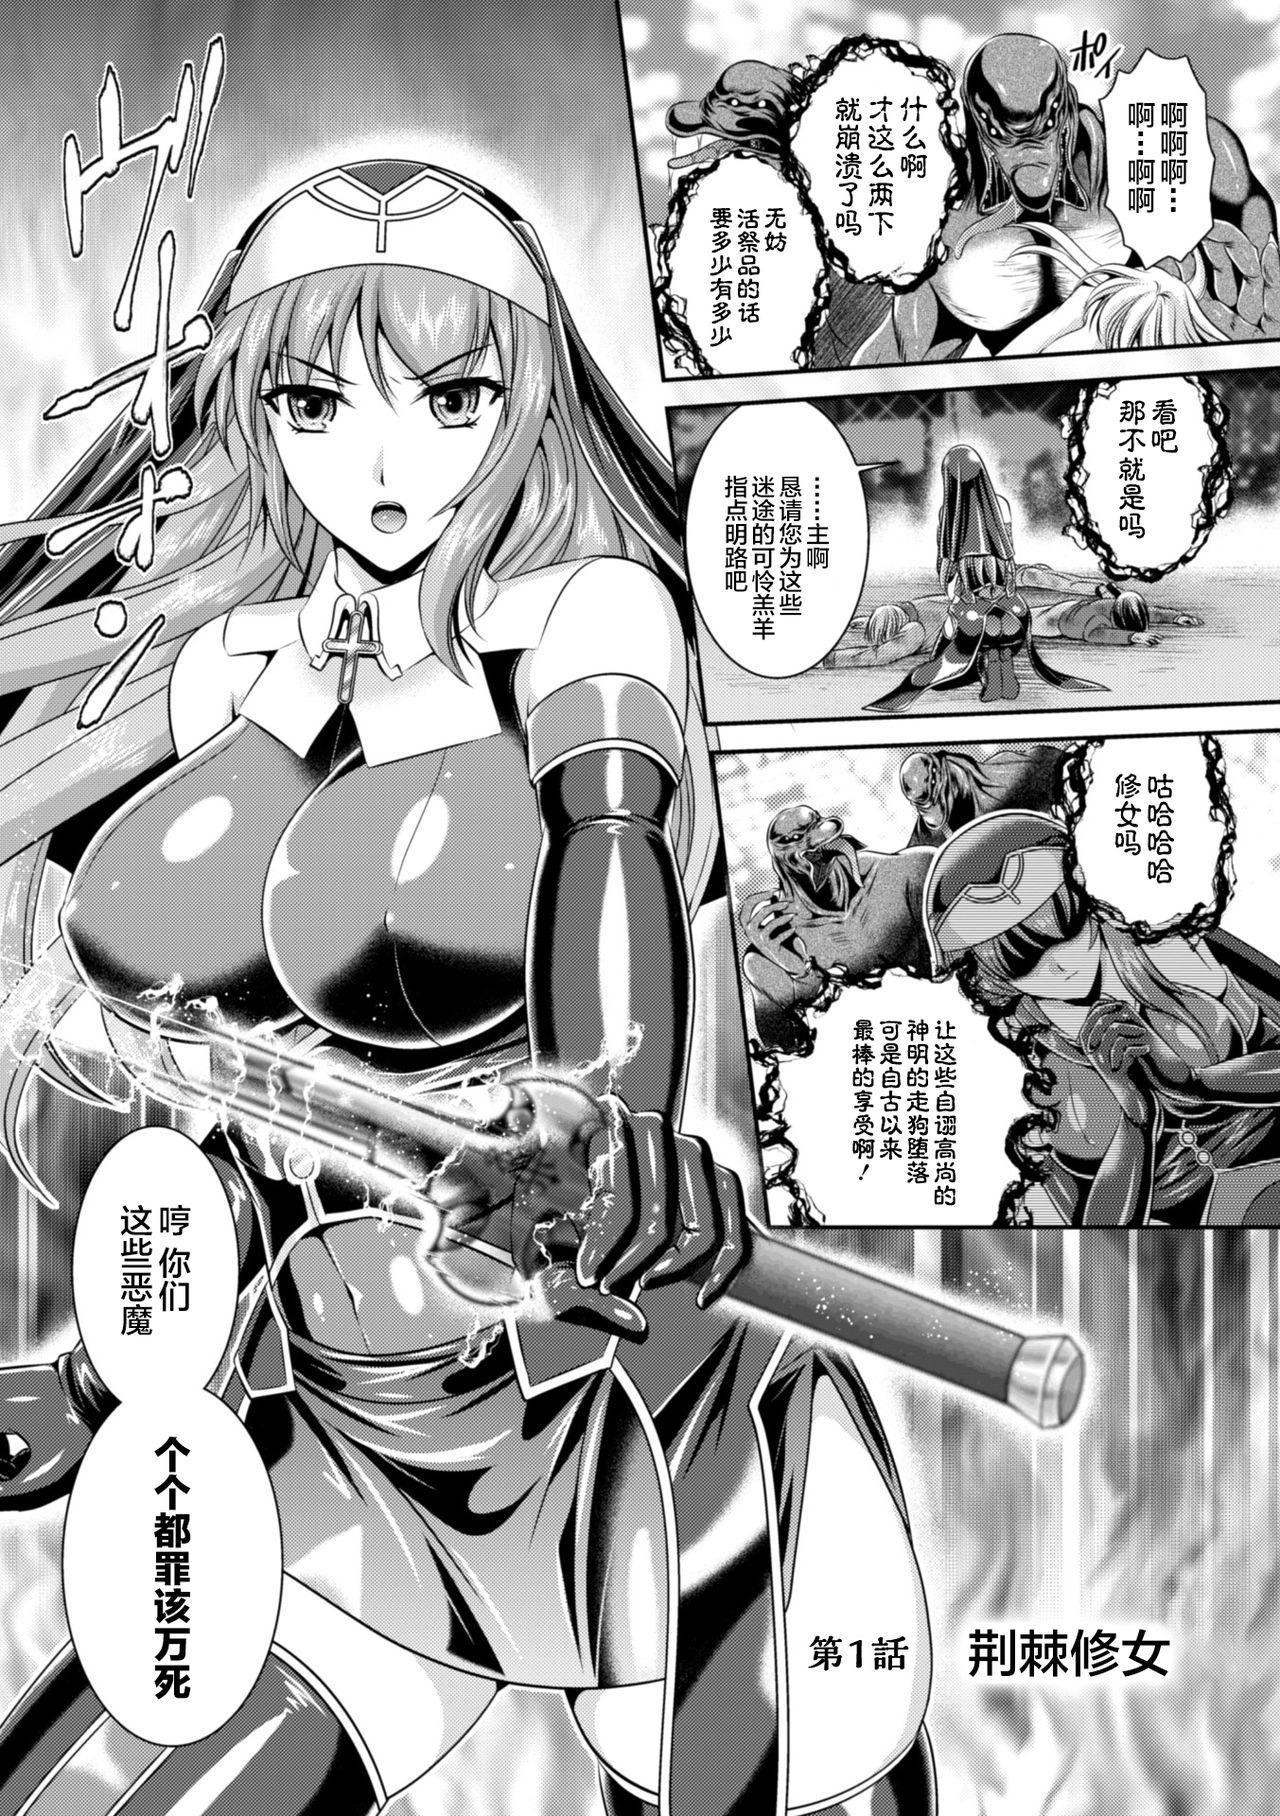 Nengoku no Liese Inzai no Shukumei ch.1 6